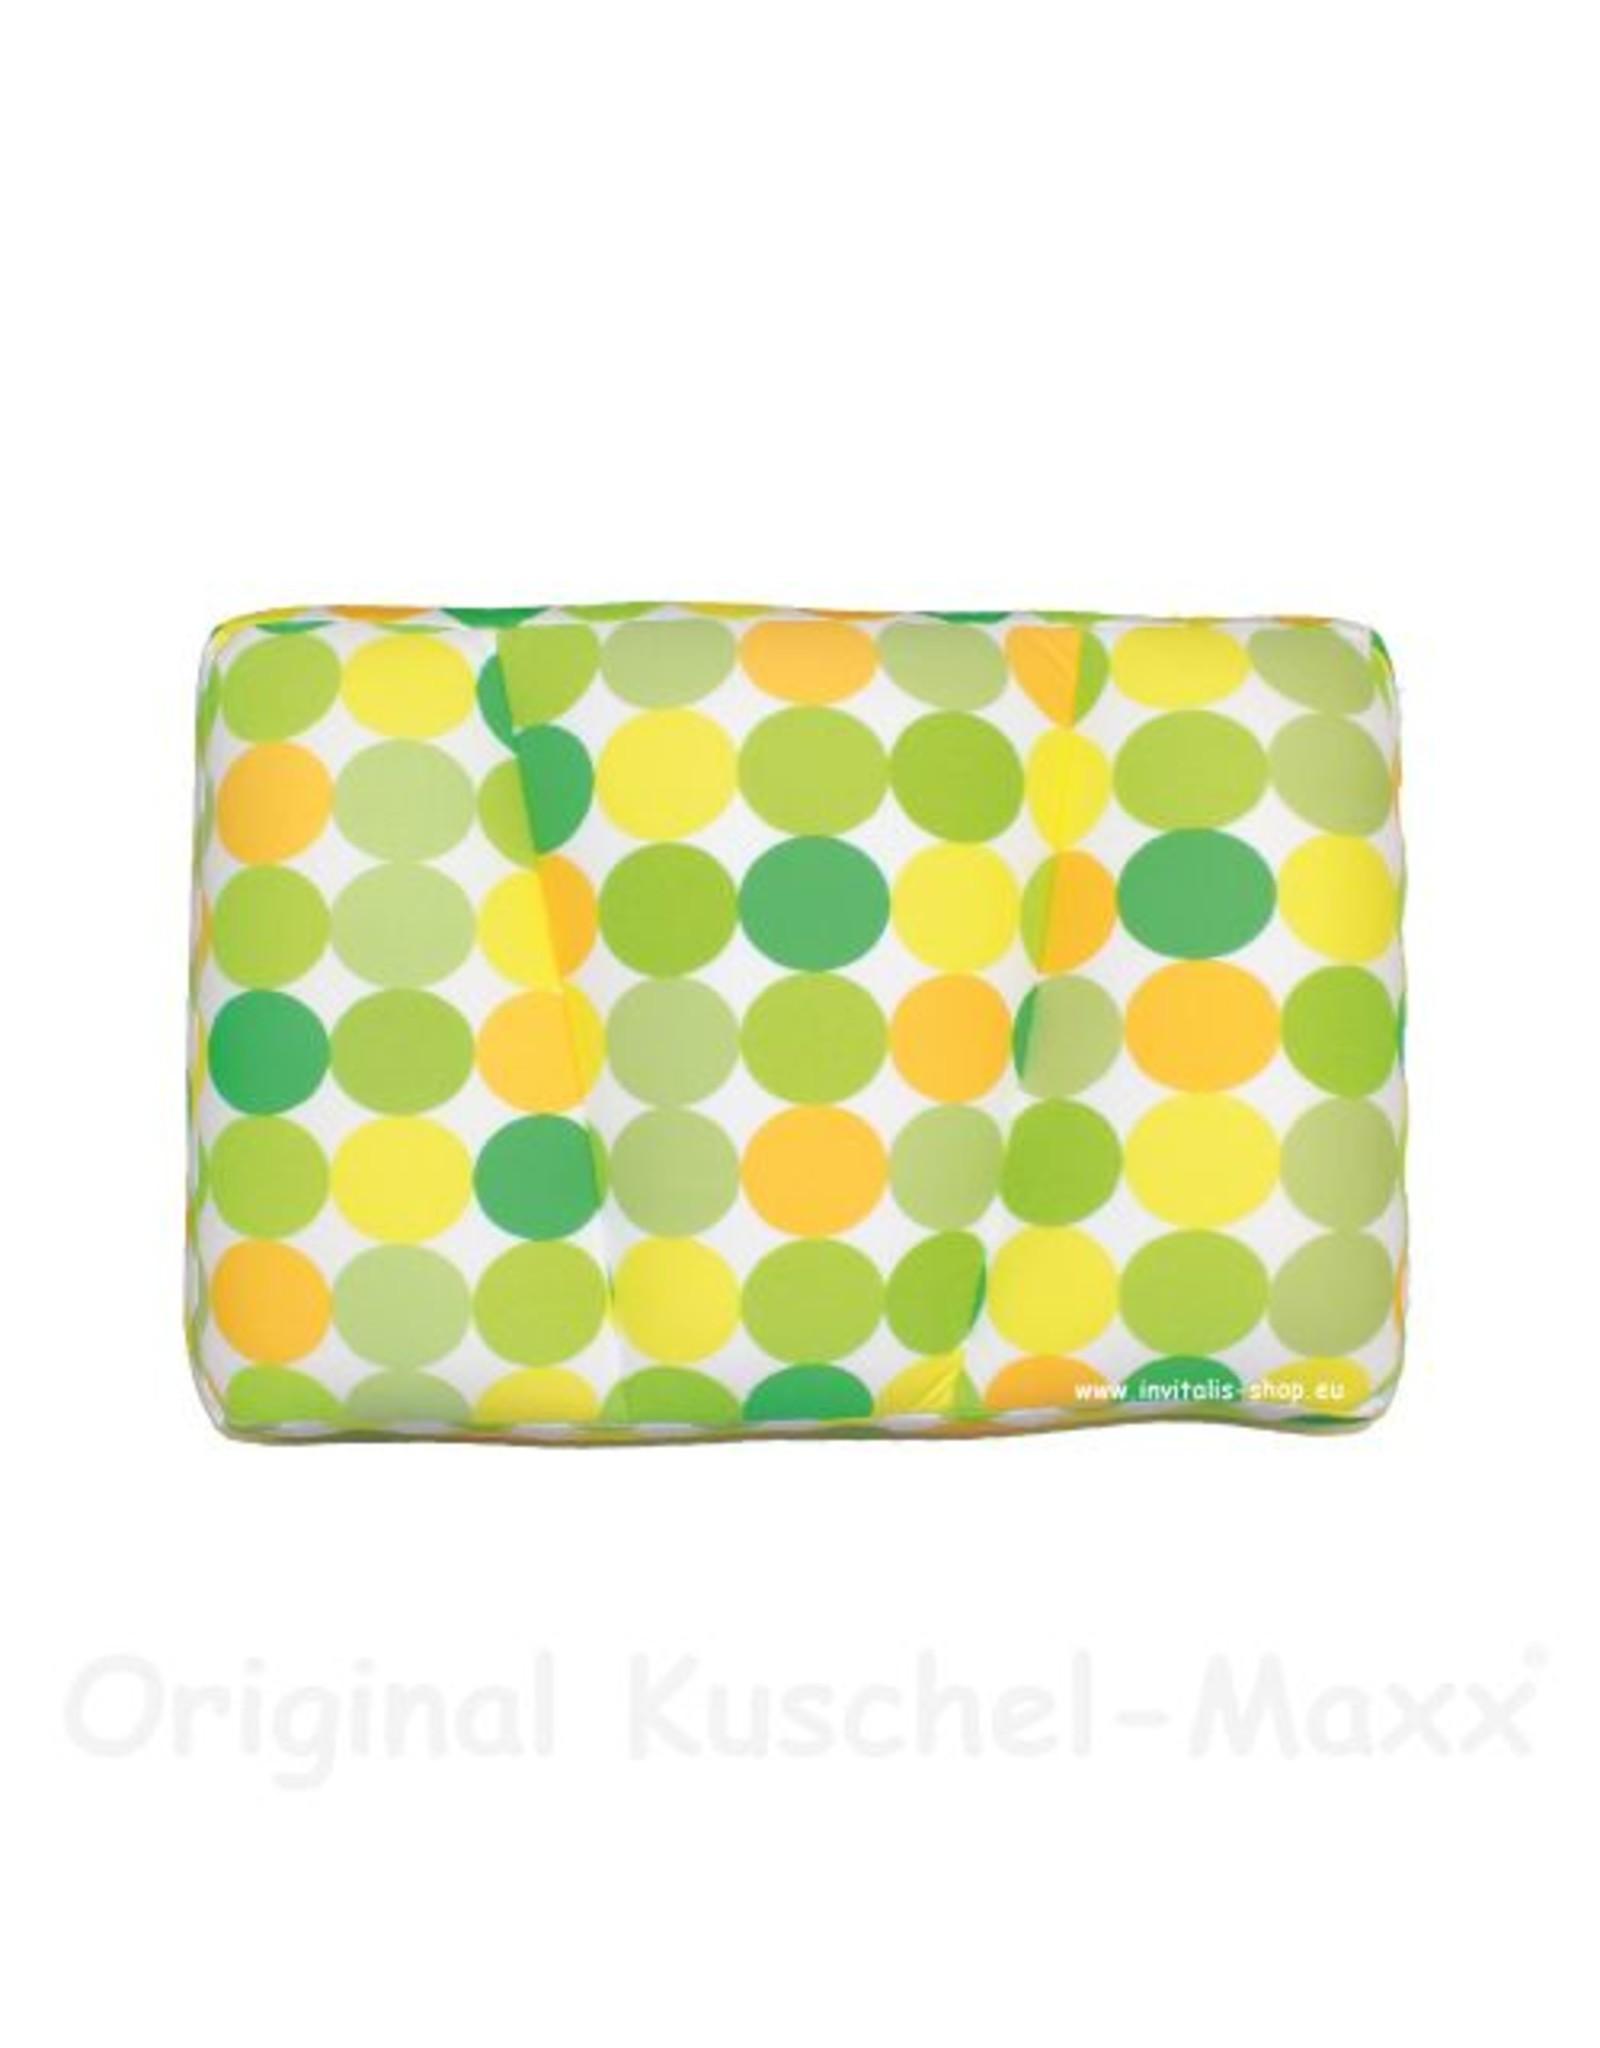 Kuschel-Maxx Kuschel-Maxx - Schlafkissen Punkte Gelb